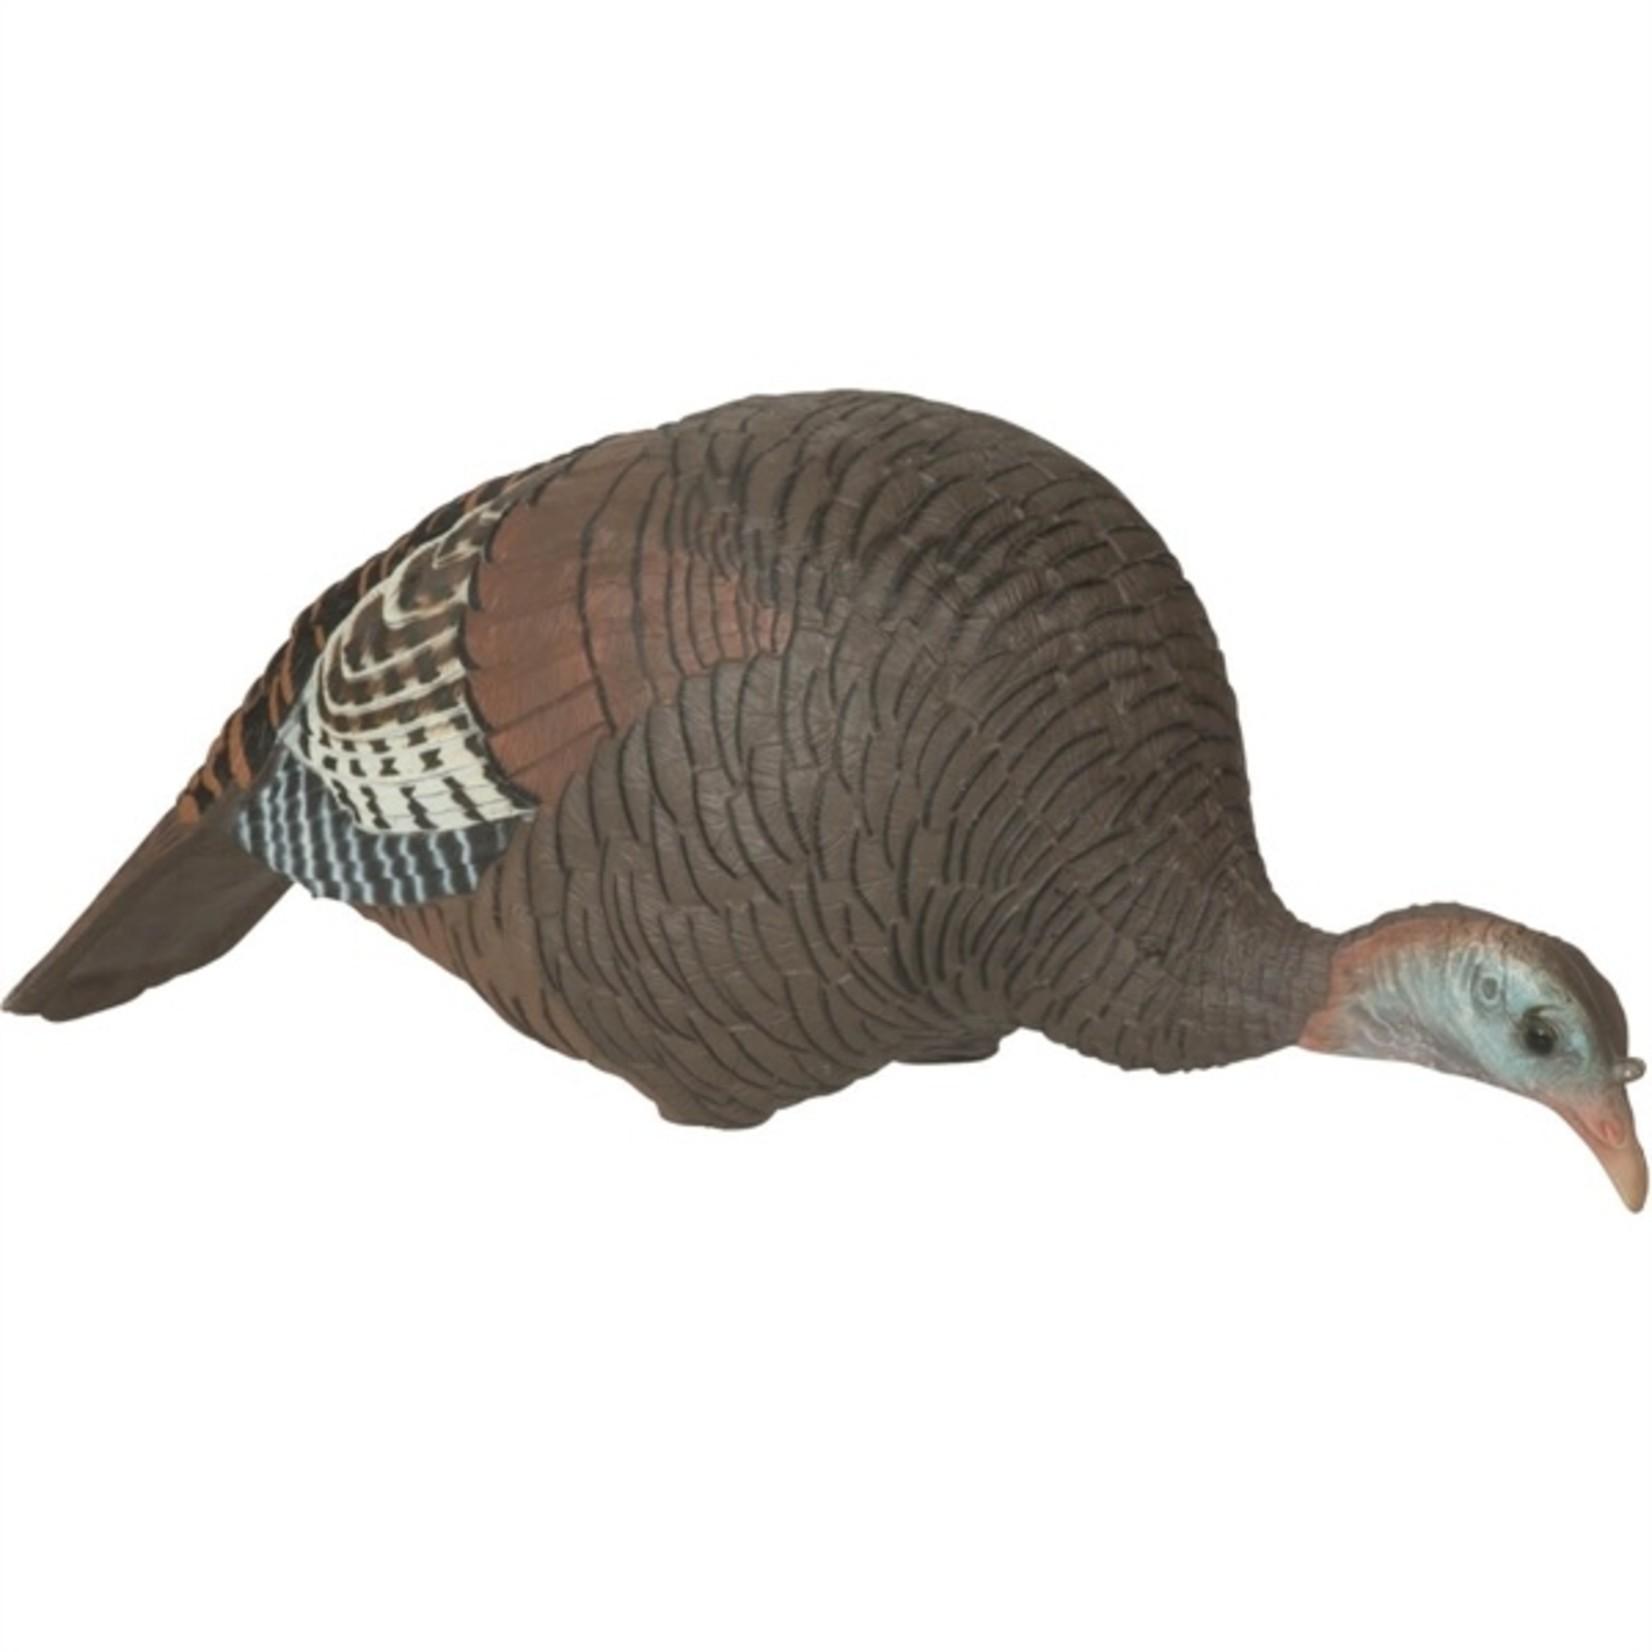 Greenhead Gear Turkey Decoys